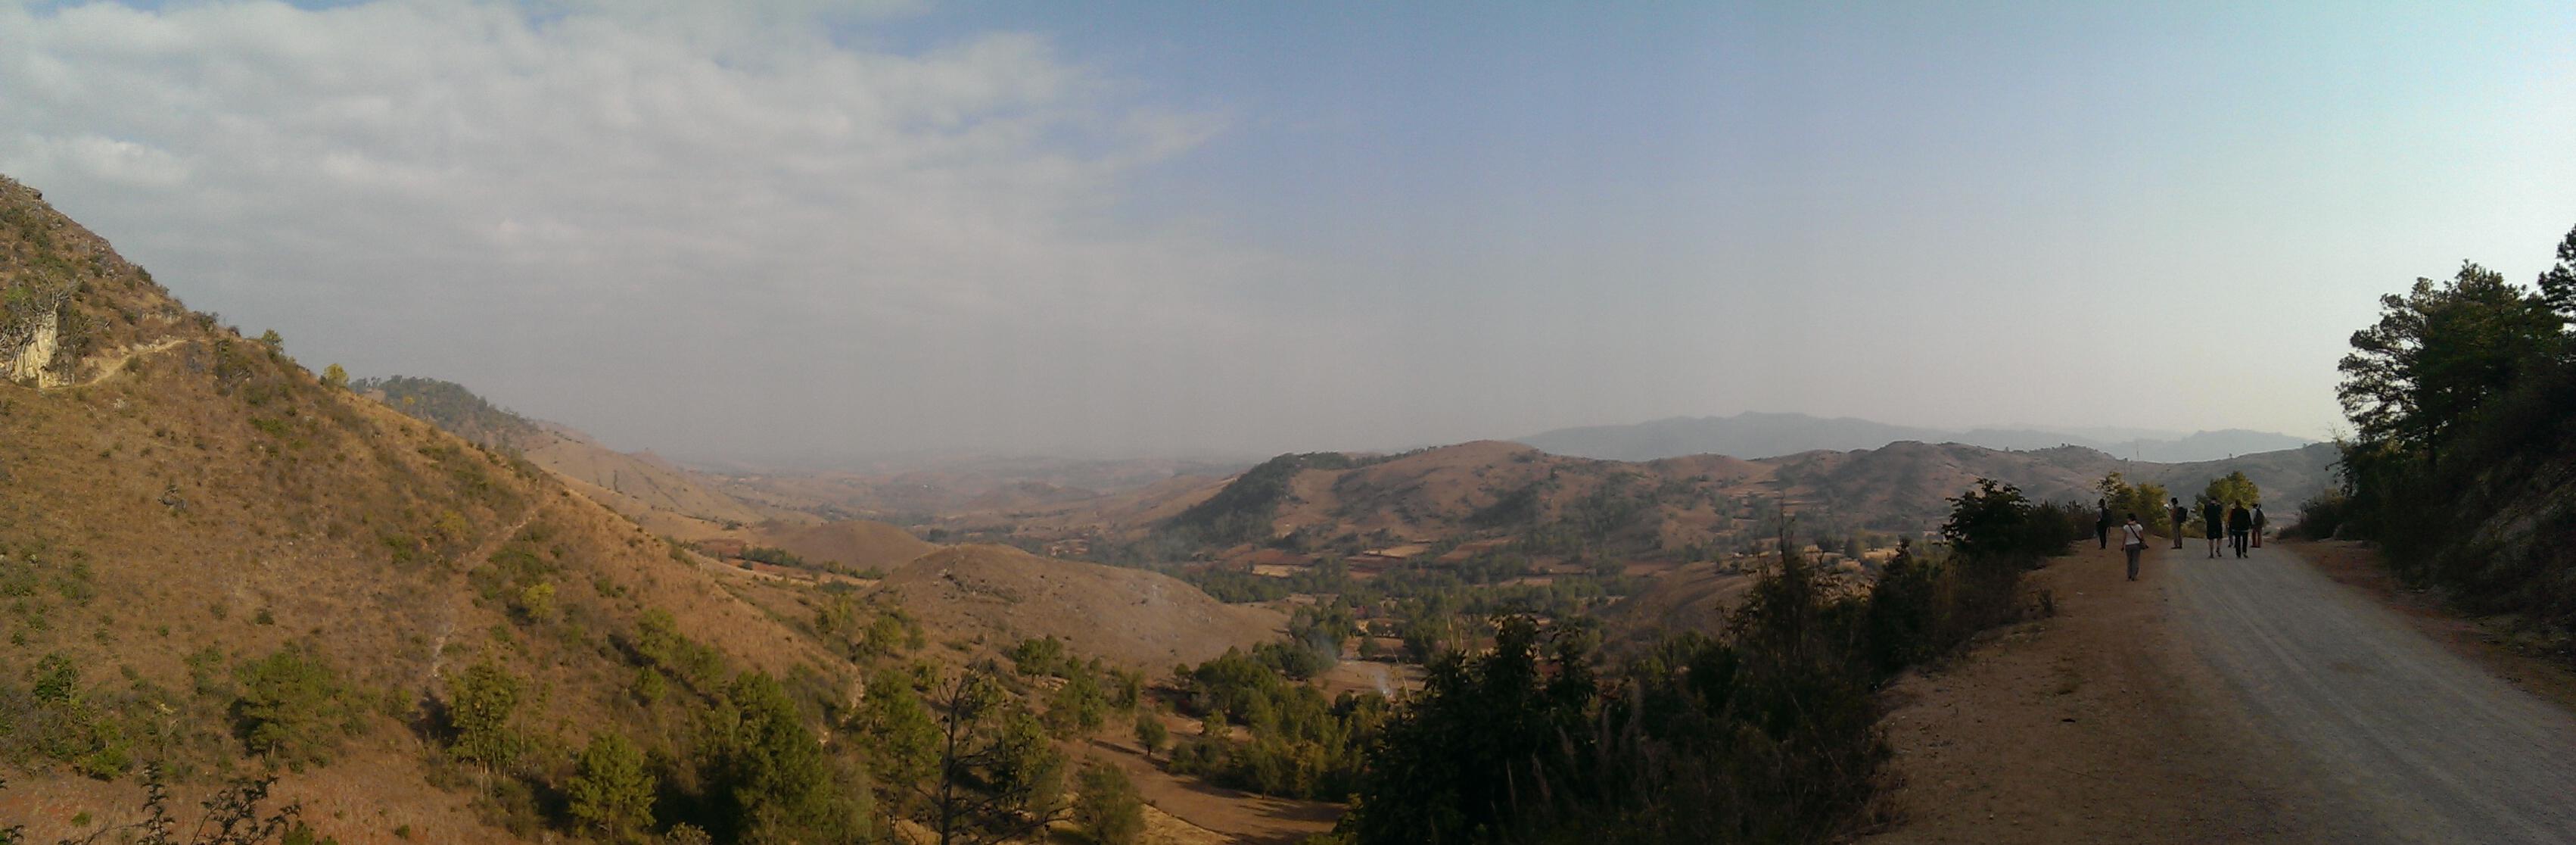 Paysage trek Kalaw Inle